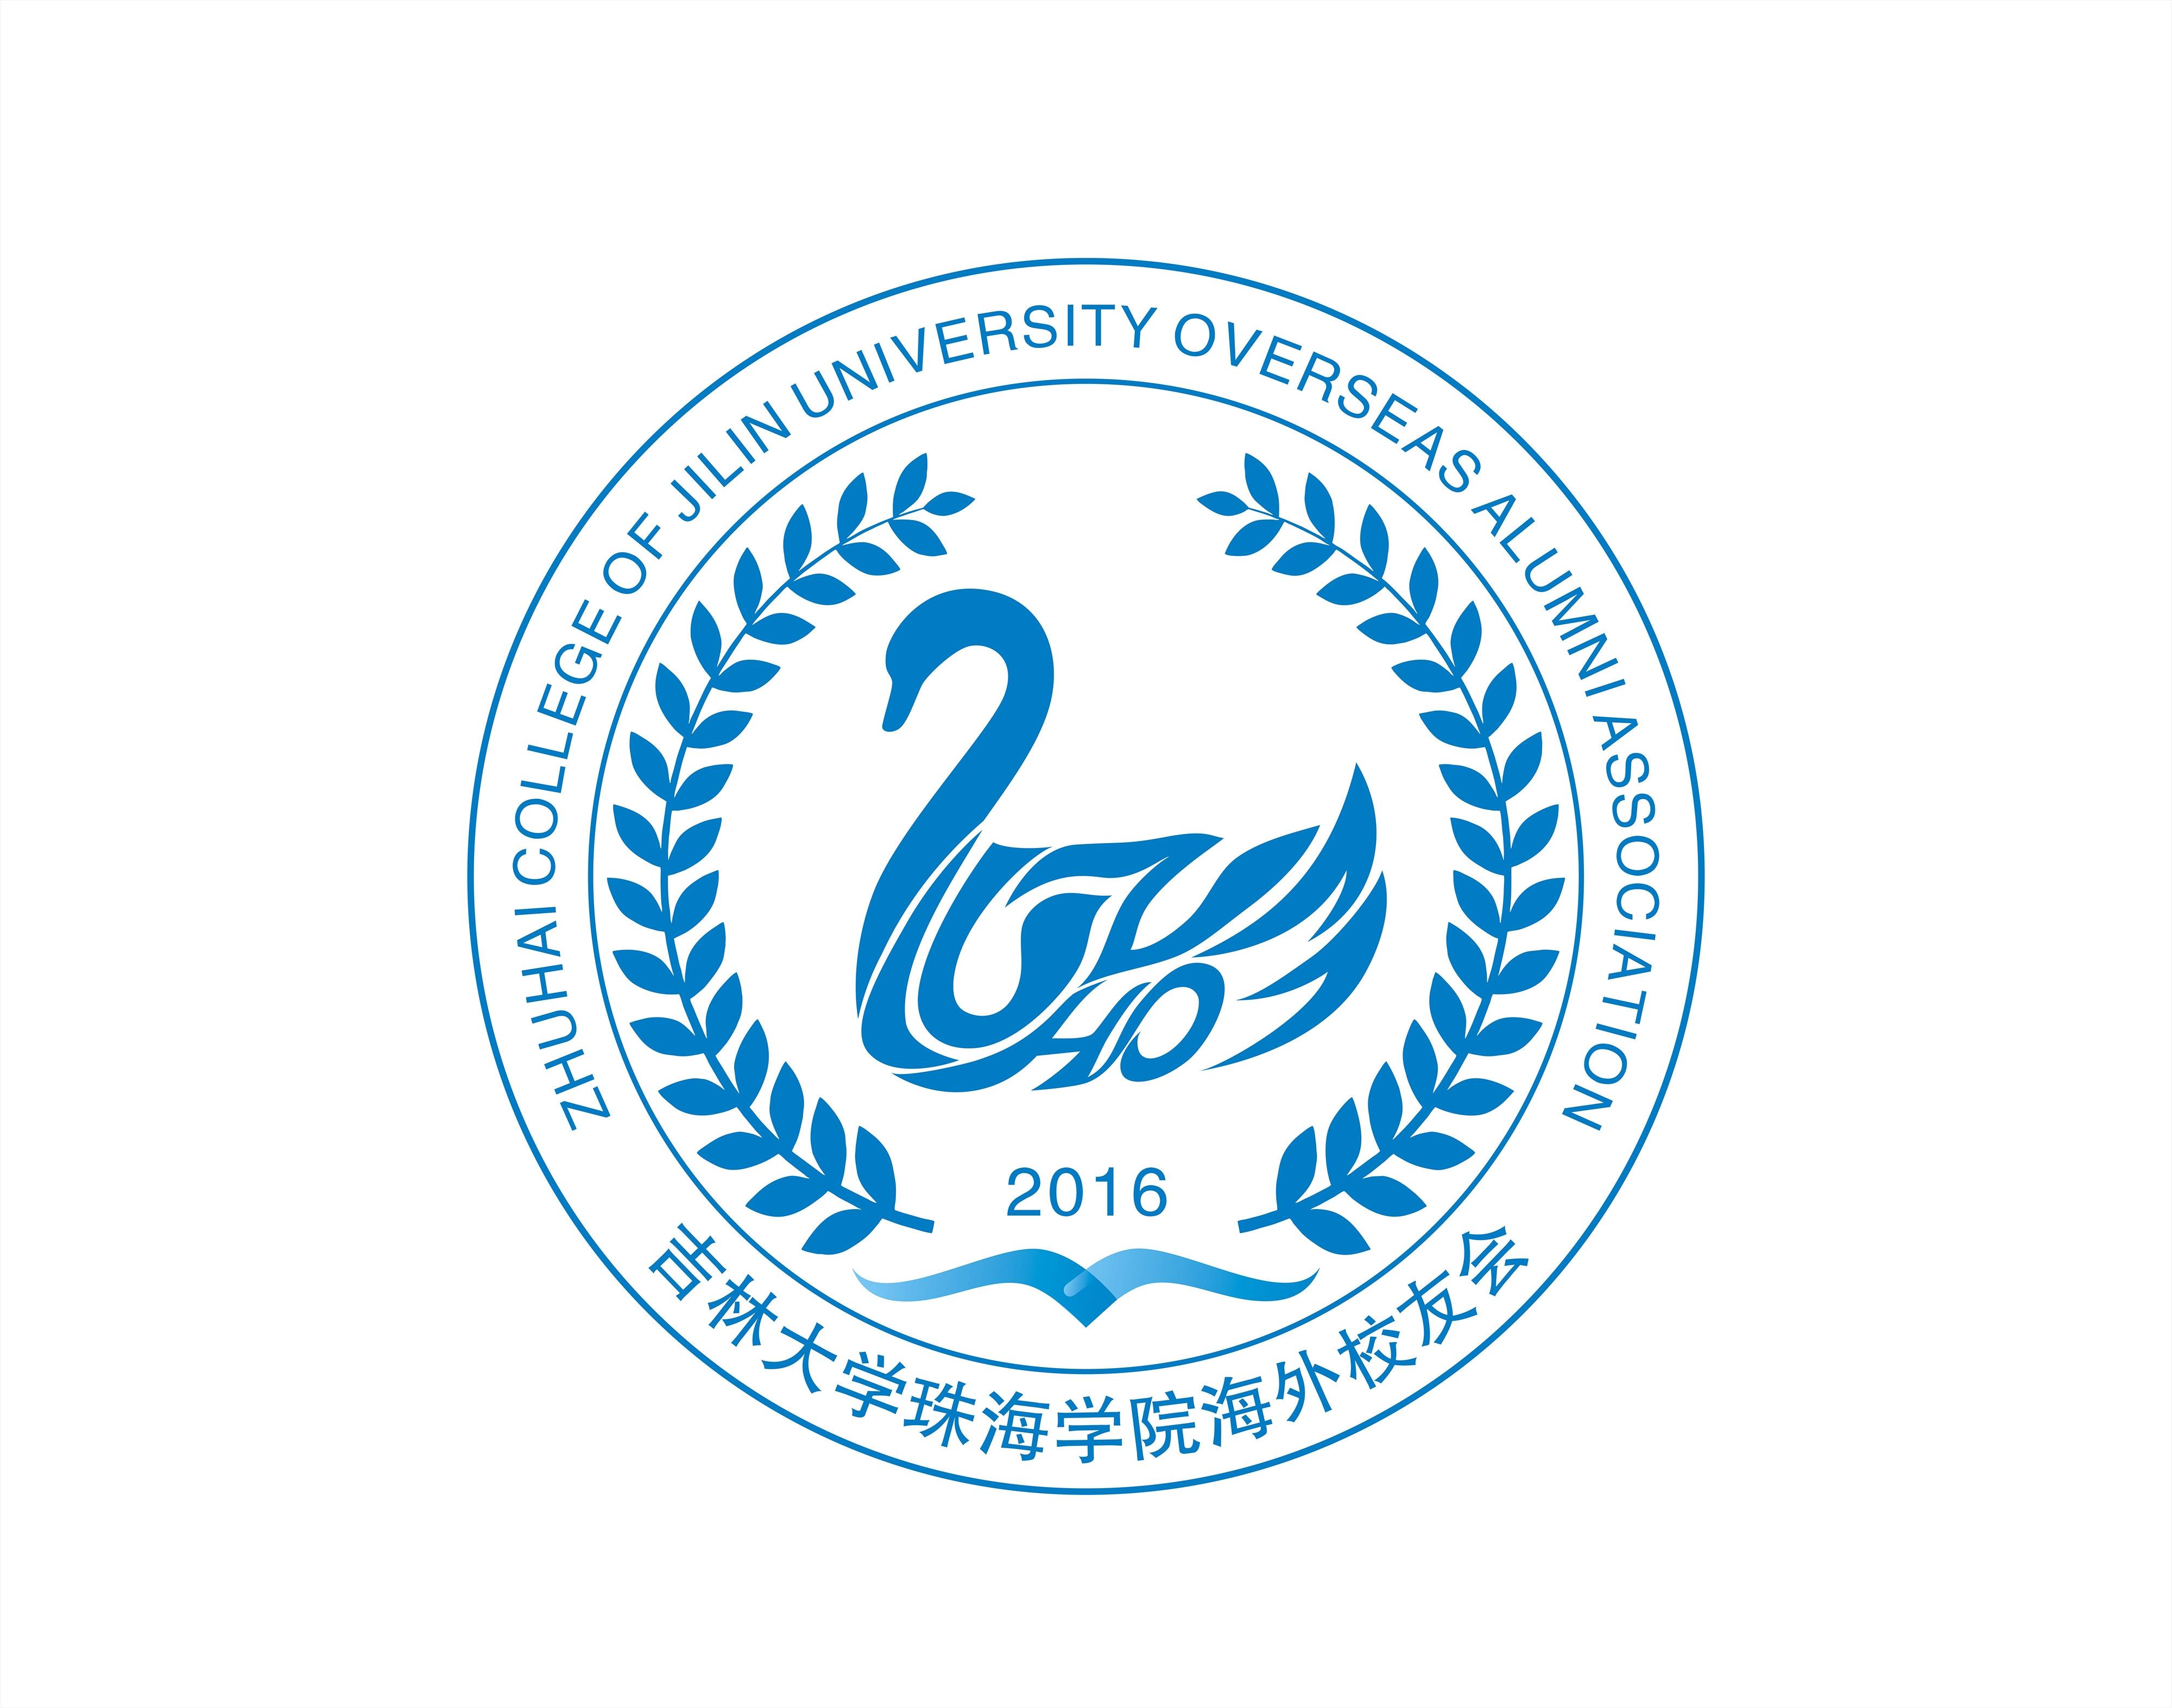 logo logo 标志 设计 矢量 矢量图 素材 图标 4000_3146